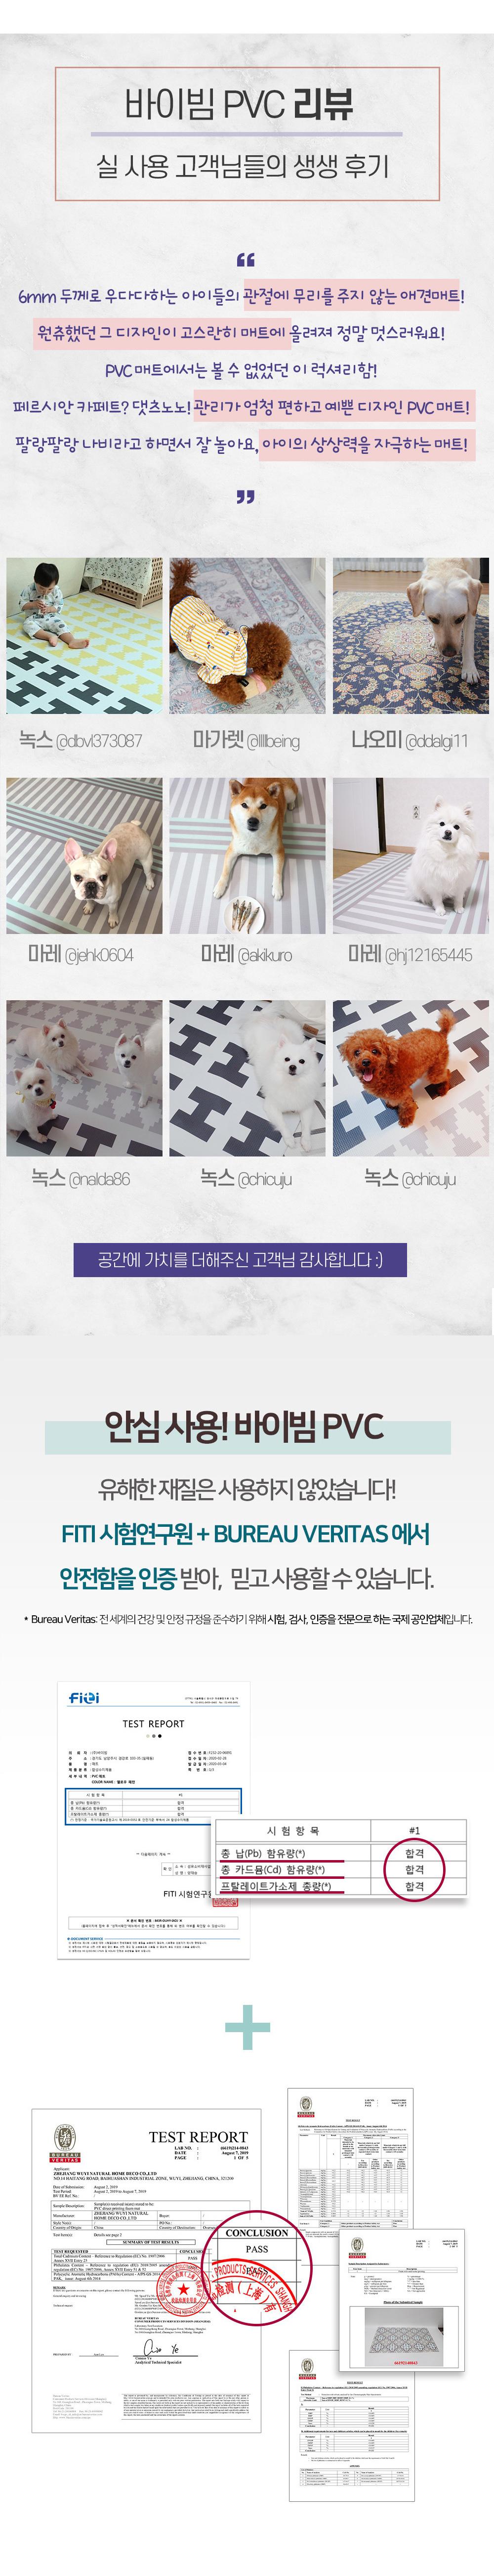 바이빔 PVC FITI 시험성적서 합격